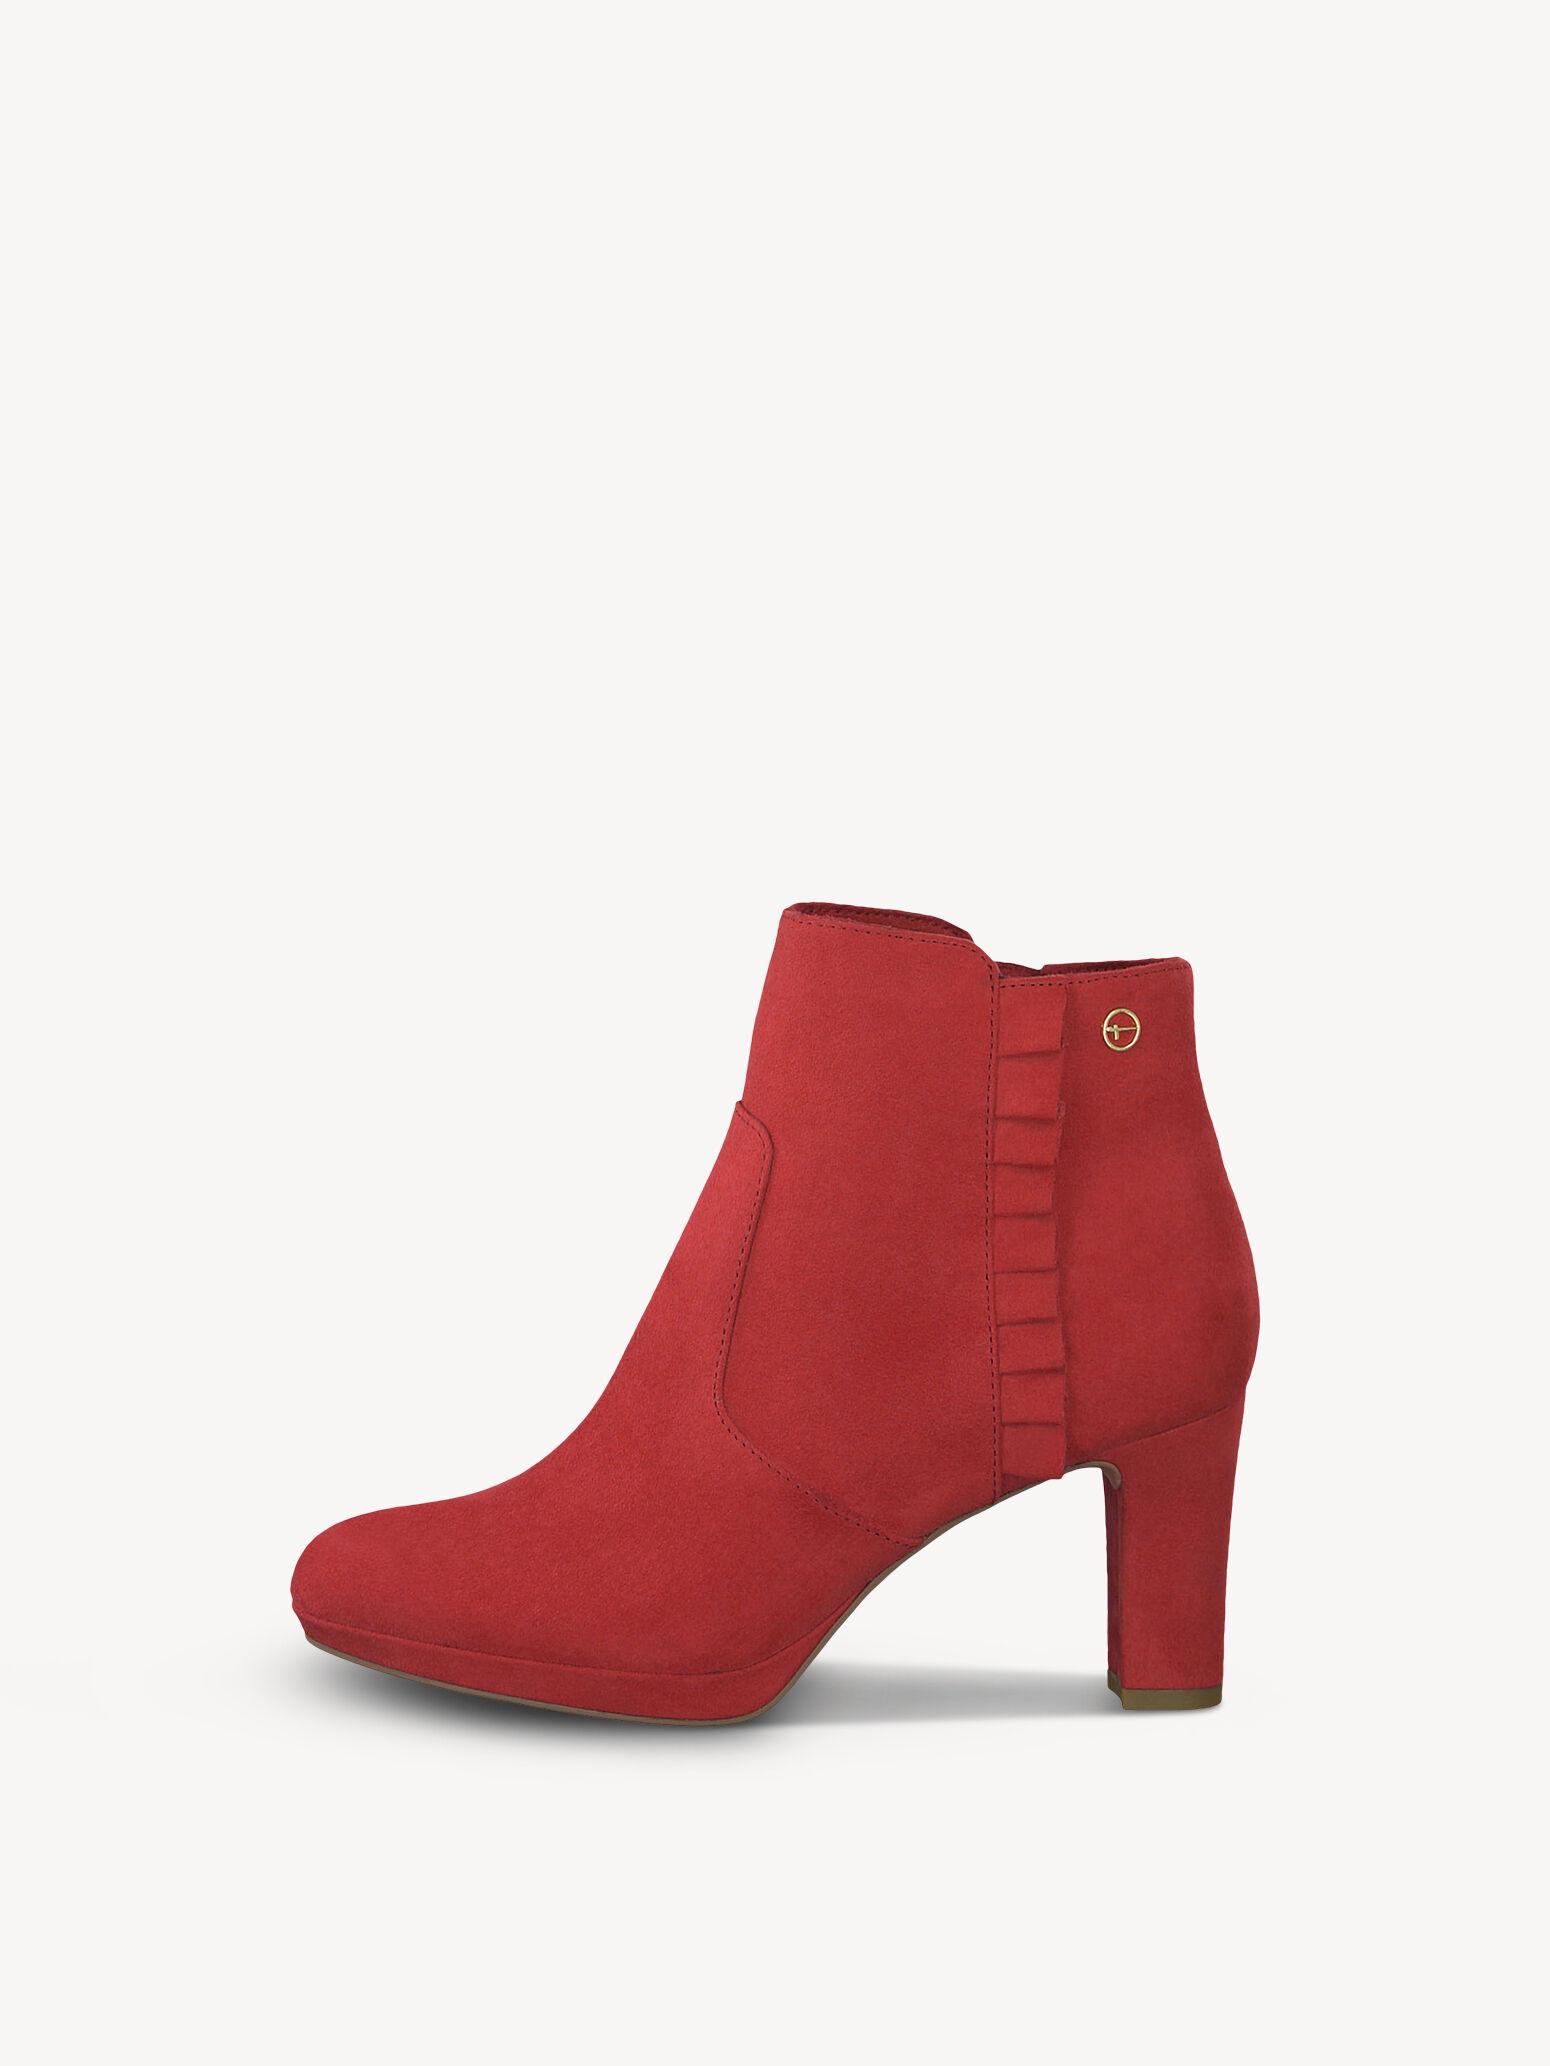 Schuhe online kaufen   Upgrade für deinen Schuhschrank   ZALANDO